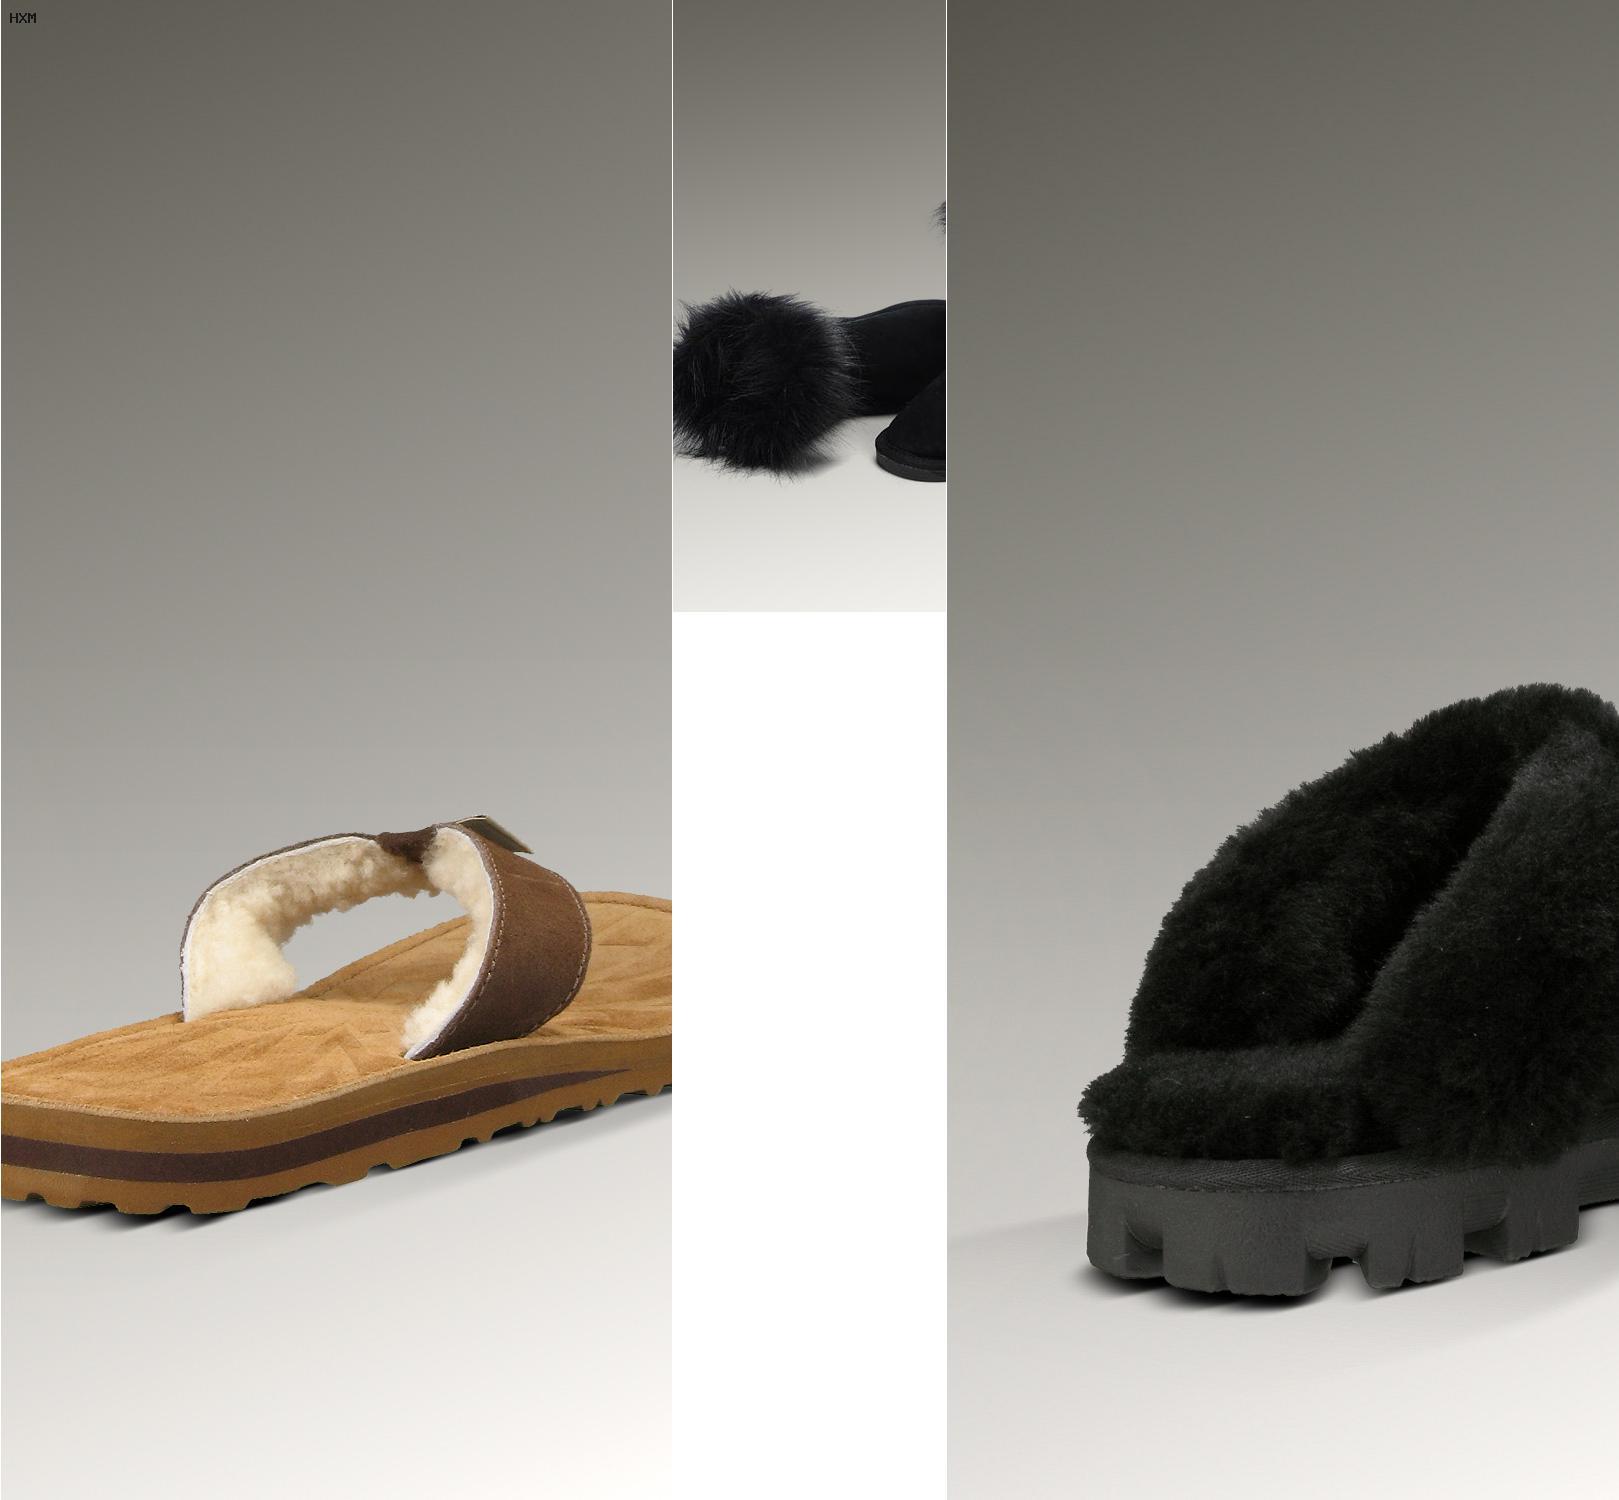 sarenza ugg boots